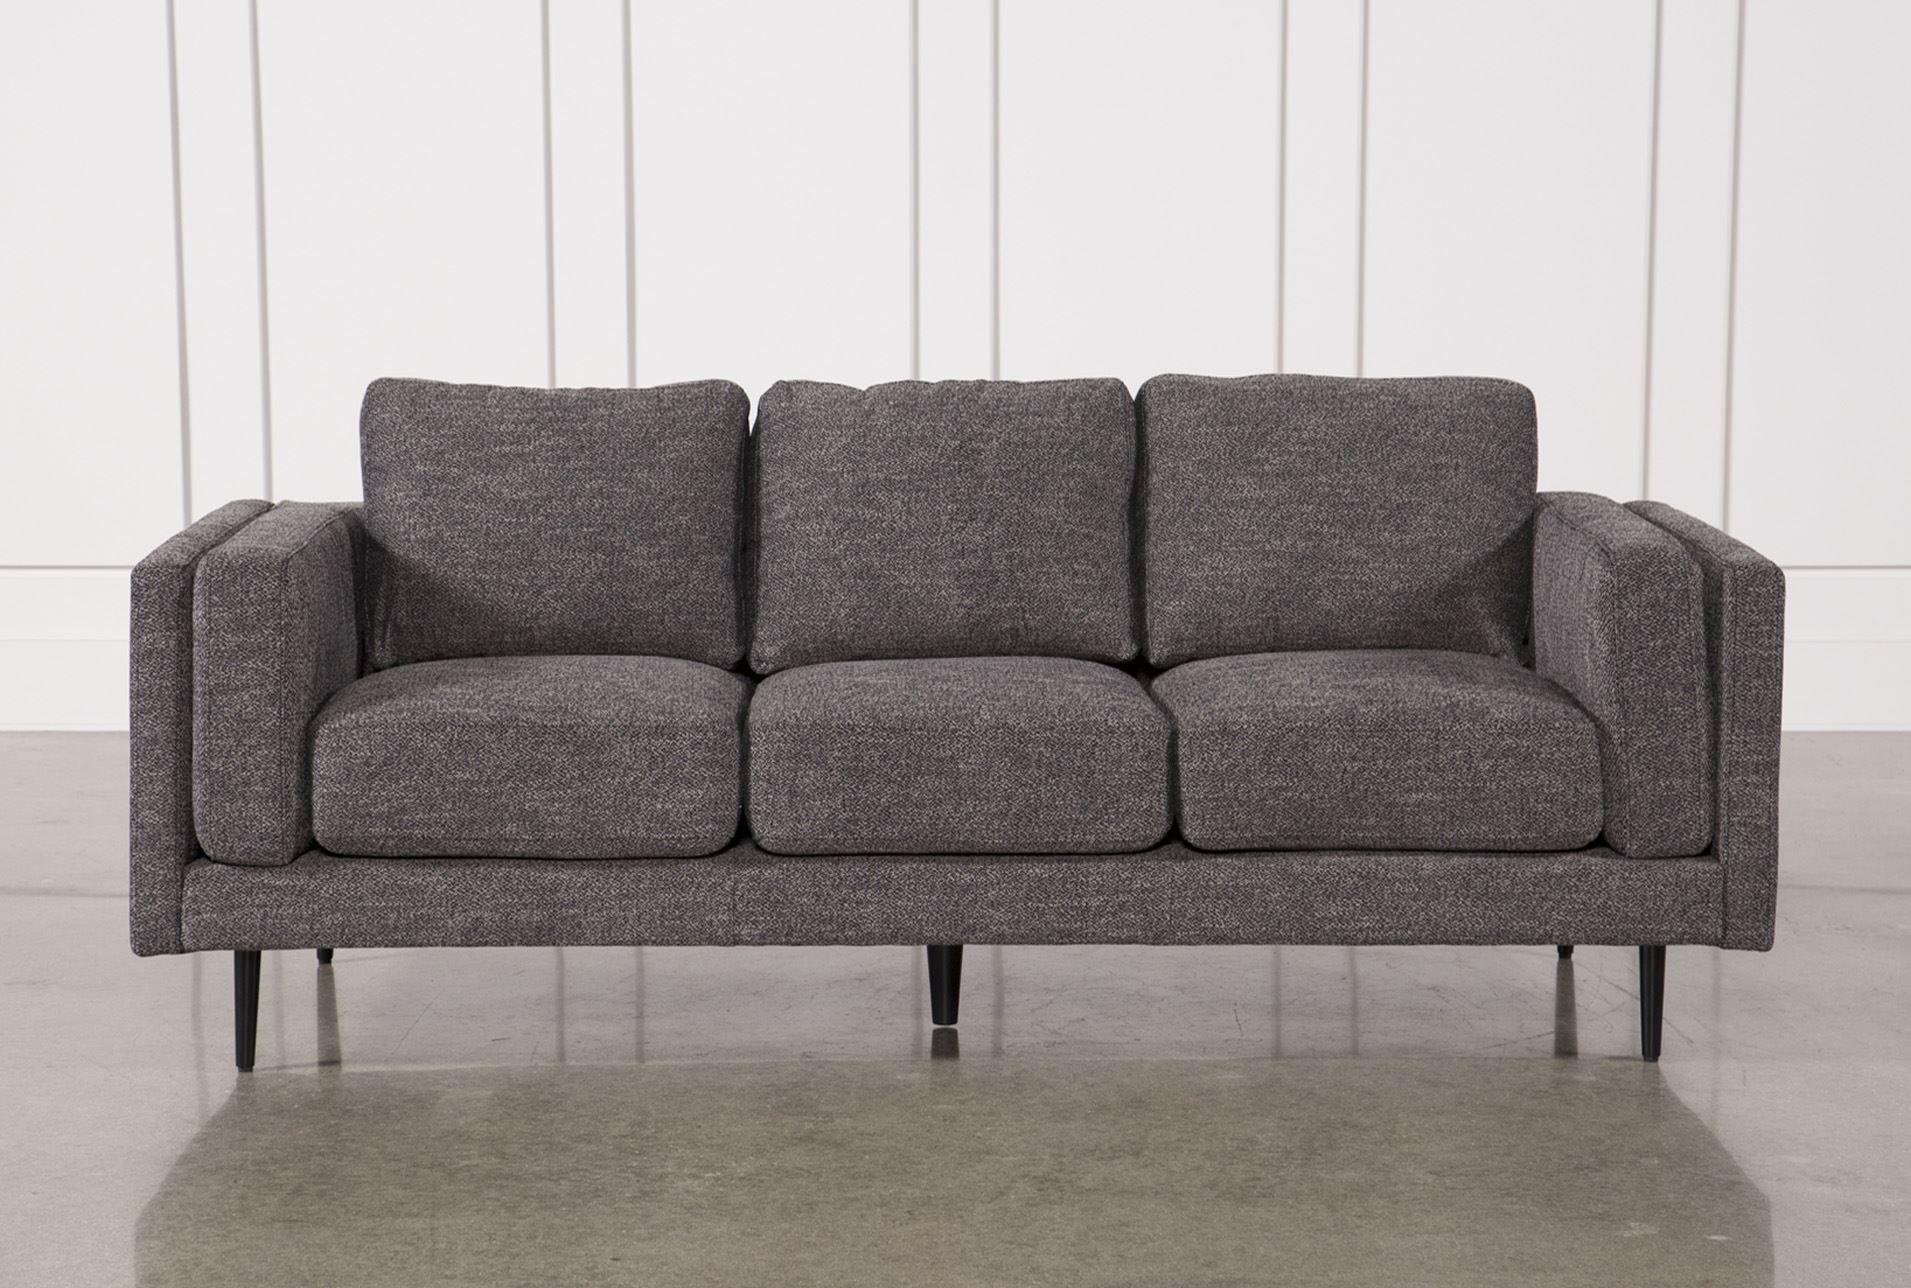 Aquarius Dark Grey Sofa | Micali House | Pinterest | Aquarius, Dark With Aquarius Dark Grey Sofa Chairs (View 2 of 25)